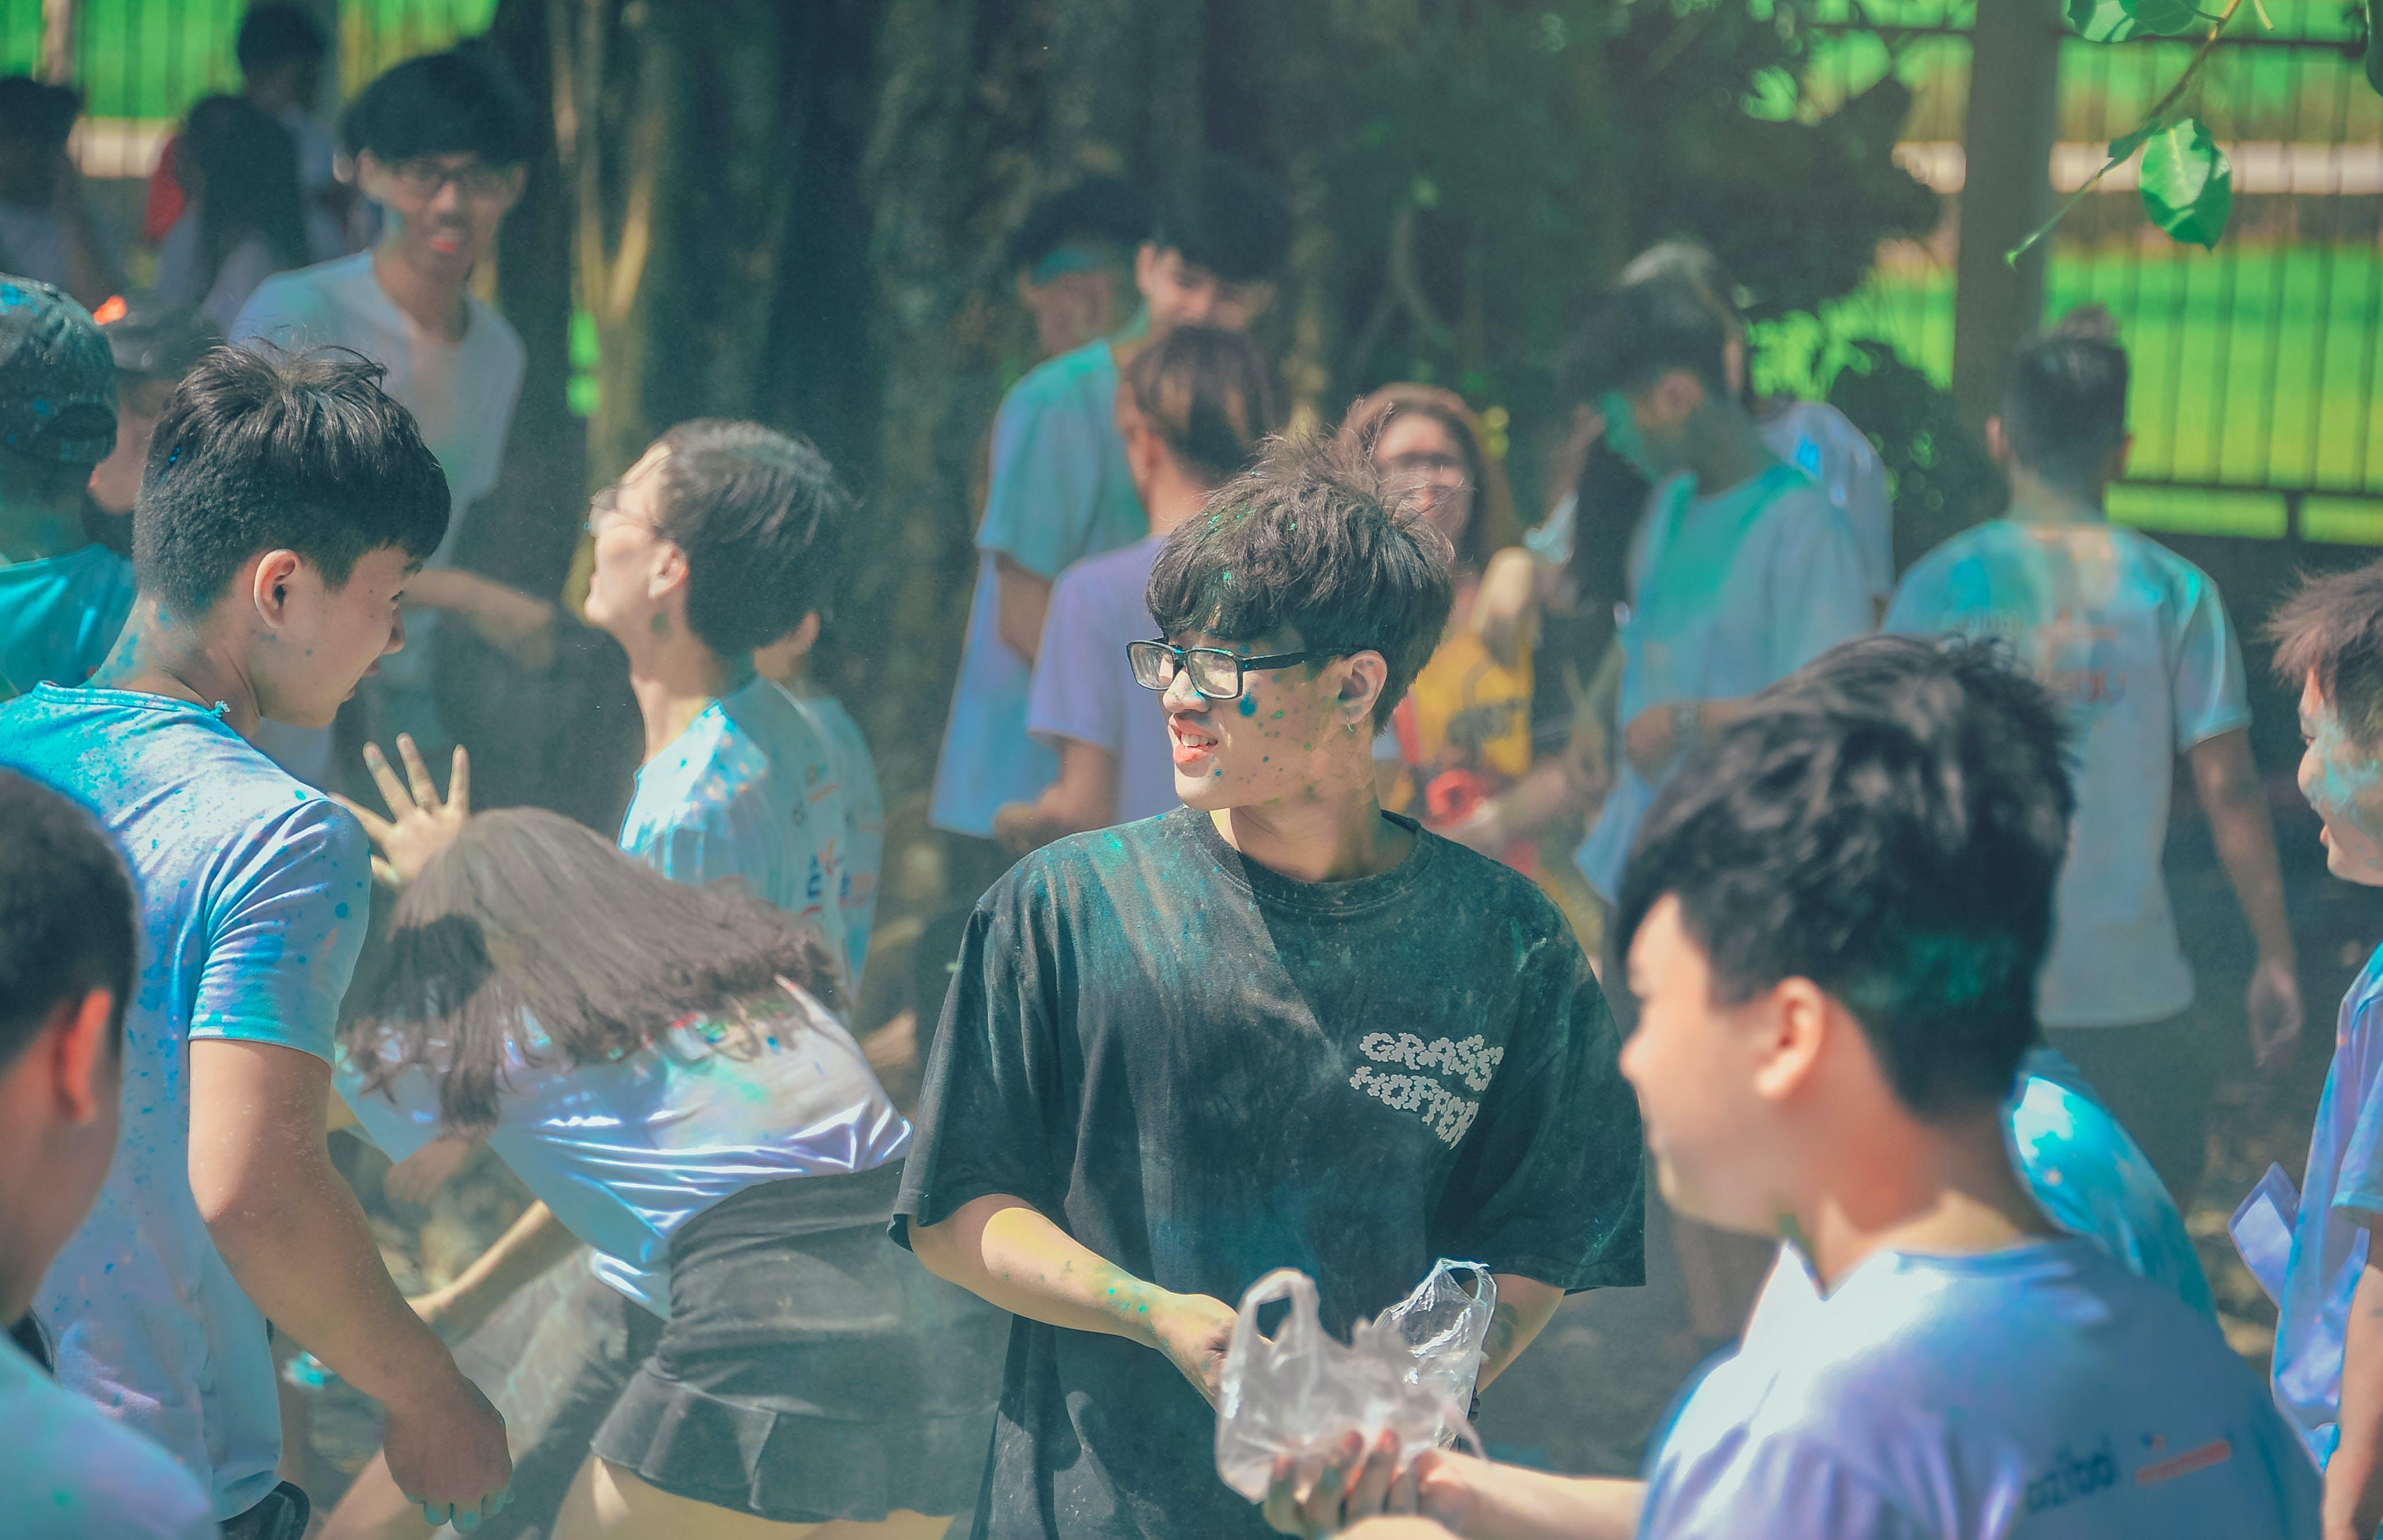 asien: menschen, feier, festival